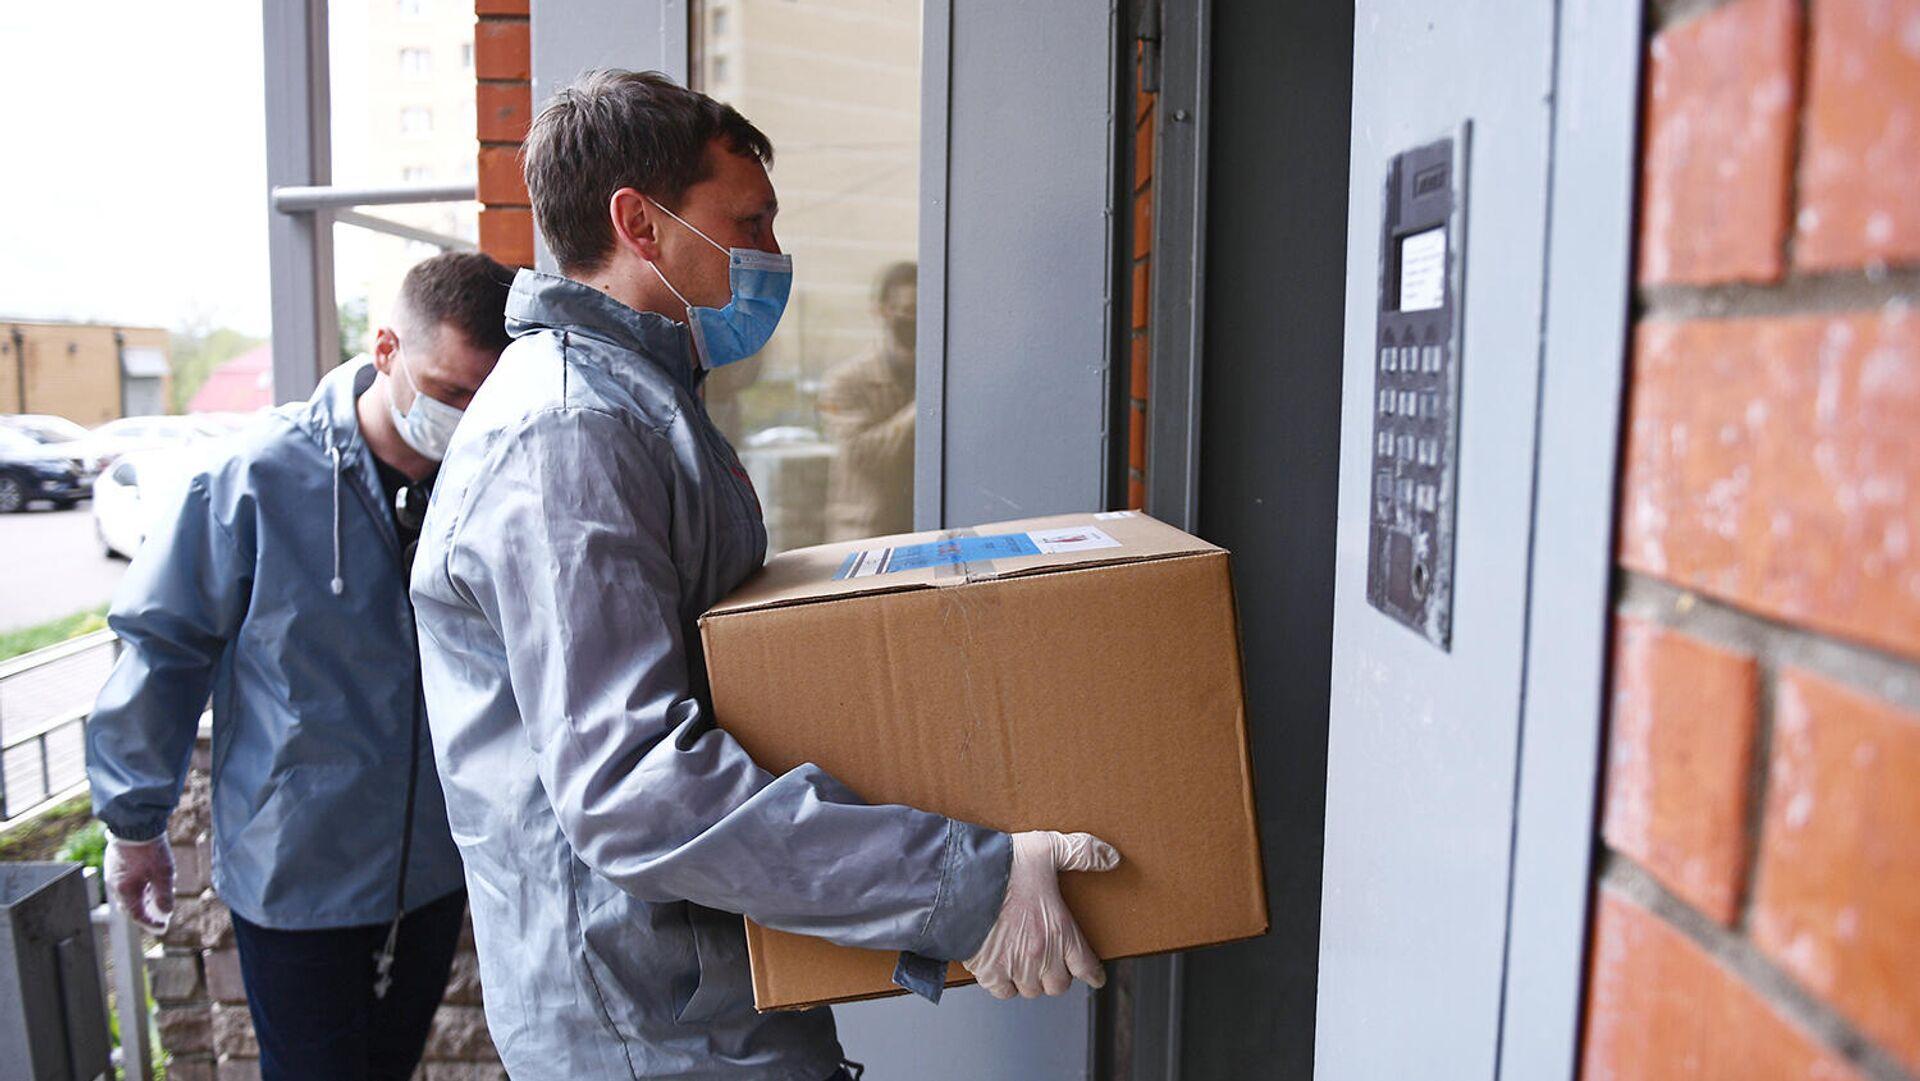 Волонтеры акции Мы вместе во время доставки продуктовых наборов - РИА Новости, 1920, 25.12.2020